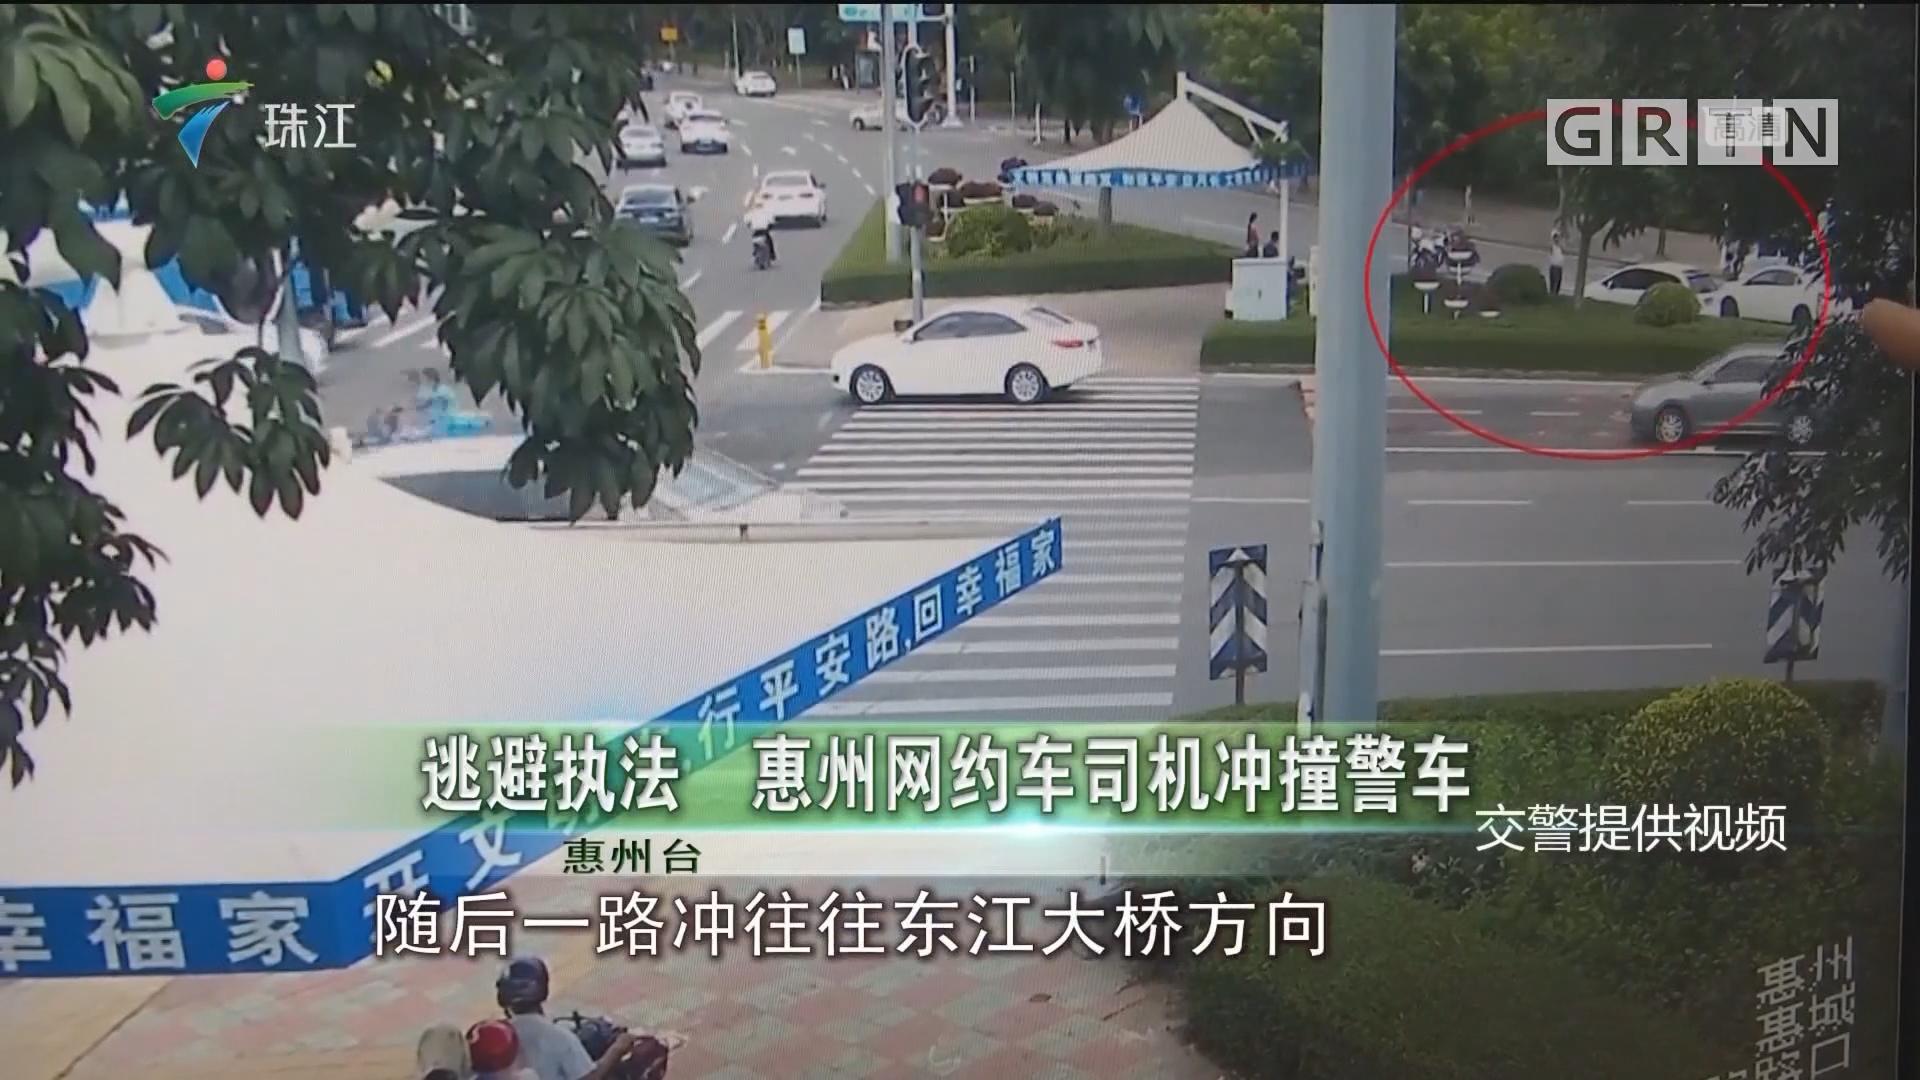 逃避执法 惠州网约车司机冲撞警车